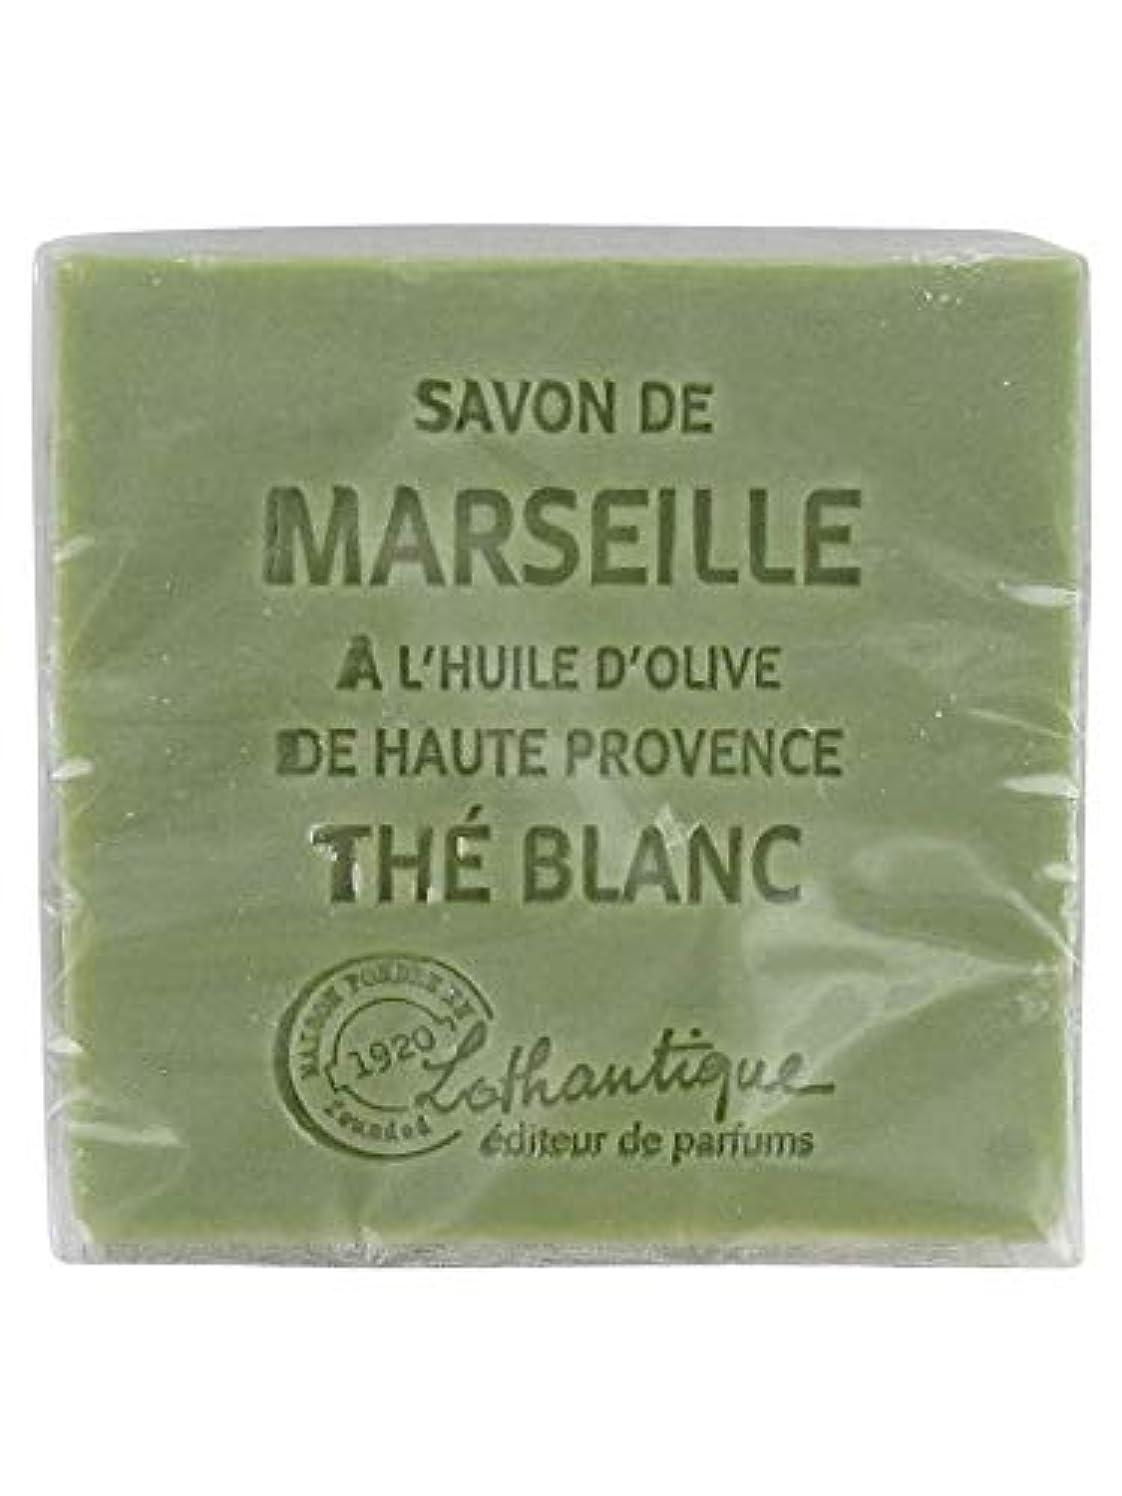 コンパイル悩み単なるLothantique(ロタンティック) Les savons de Marseille(マルセイユソープ) マルセイユソープ 100g 「ホワイトティー」 3420070038036